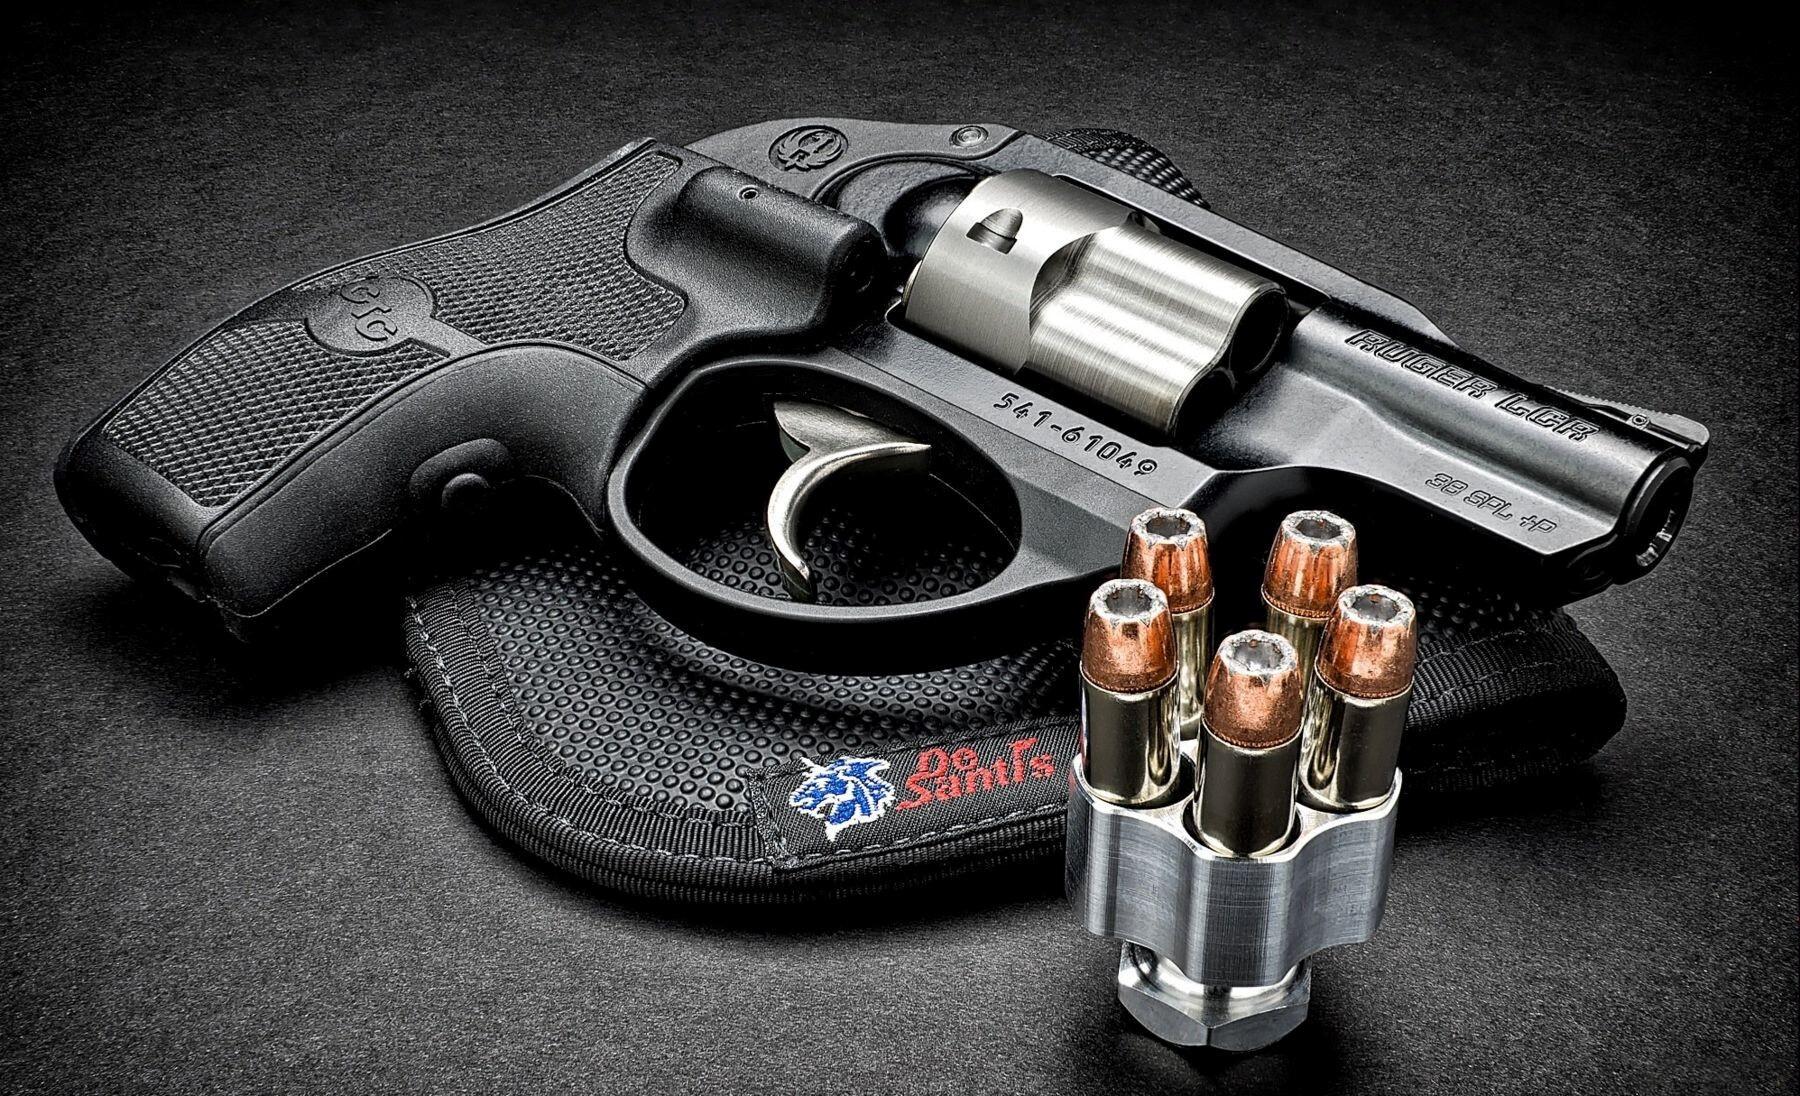 ruger lcr small gun hd desktop photos | hd wallpapers